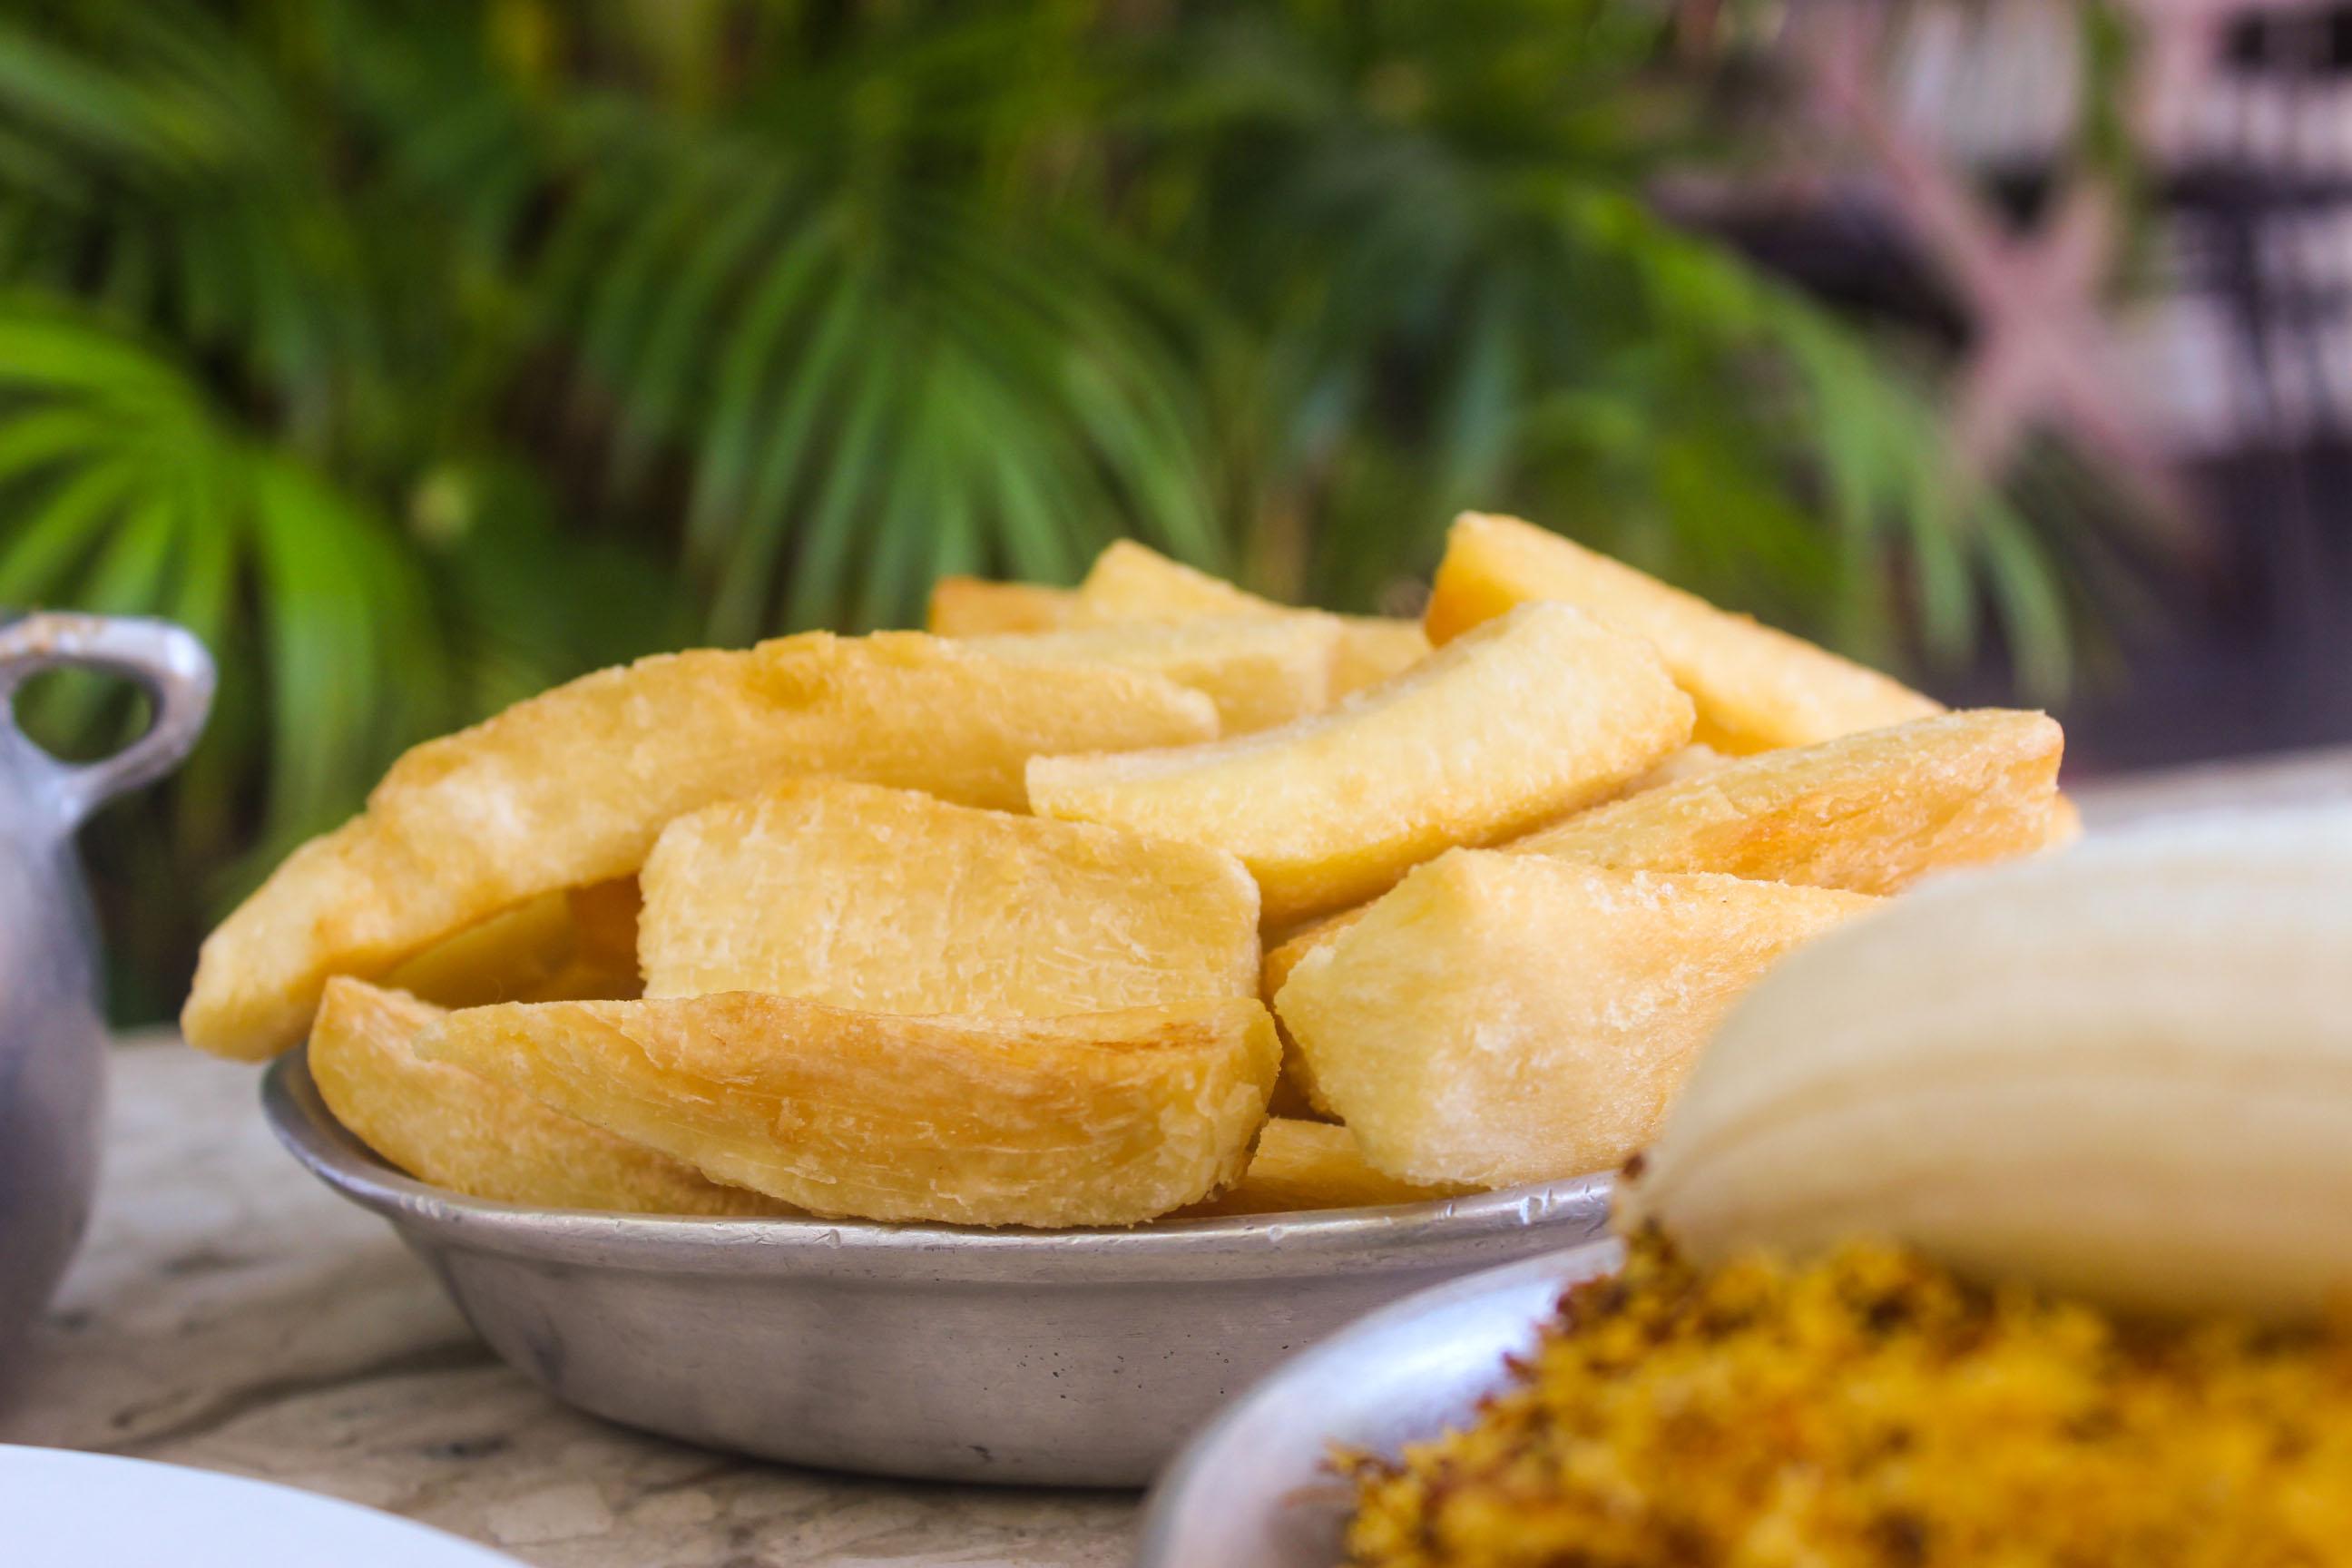 Não tem como resistir! 1 Porção de Asinha Frita + 500g Costela no Bafo + Acompanhamentos para até 4 pessoas + 2 pulseiras pro parquinho de R$123,45 por apenas R$79,90